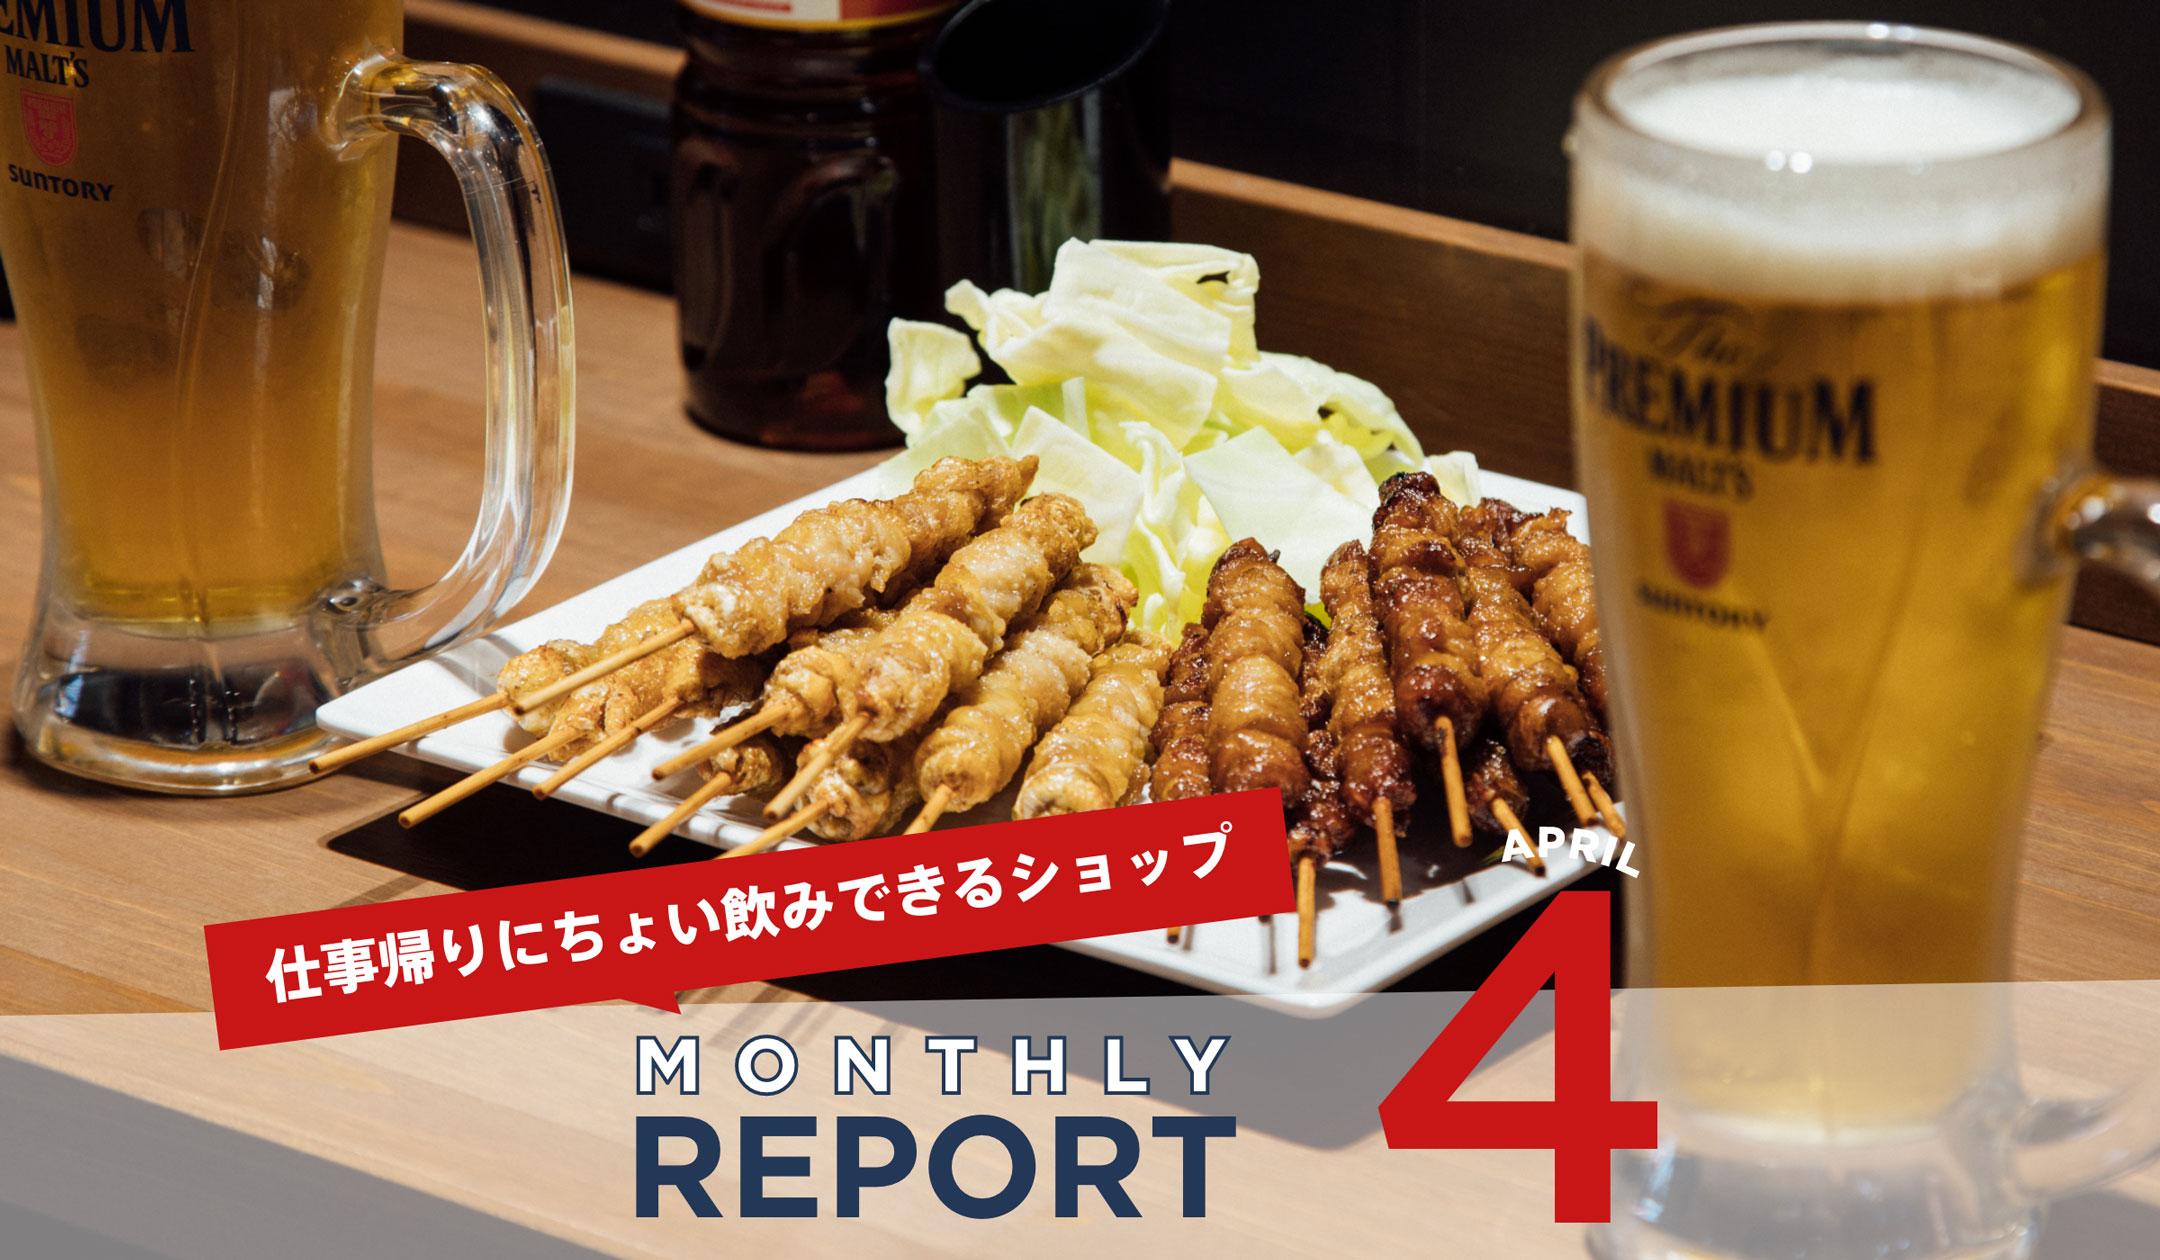 【Monthly REPORT 4】仕事帰りにちょい飲みできるショップ